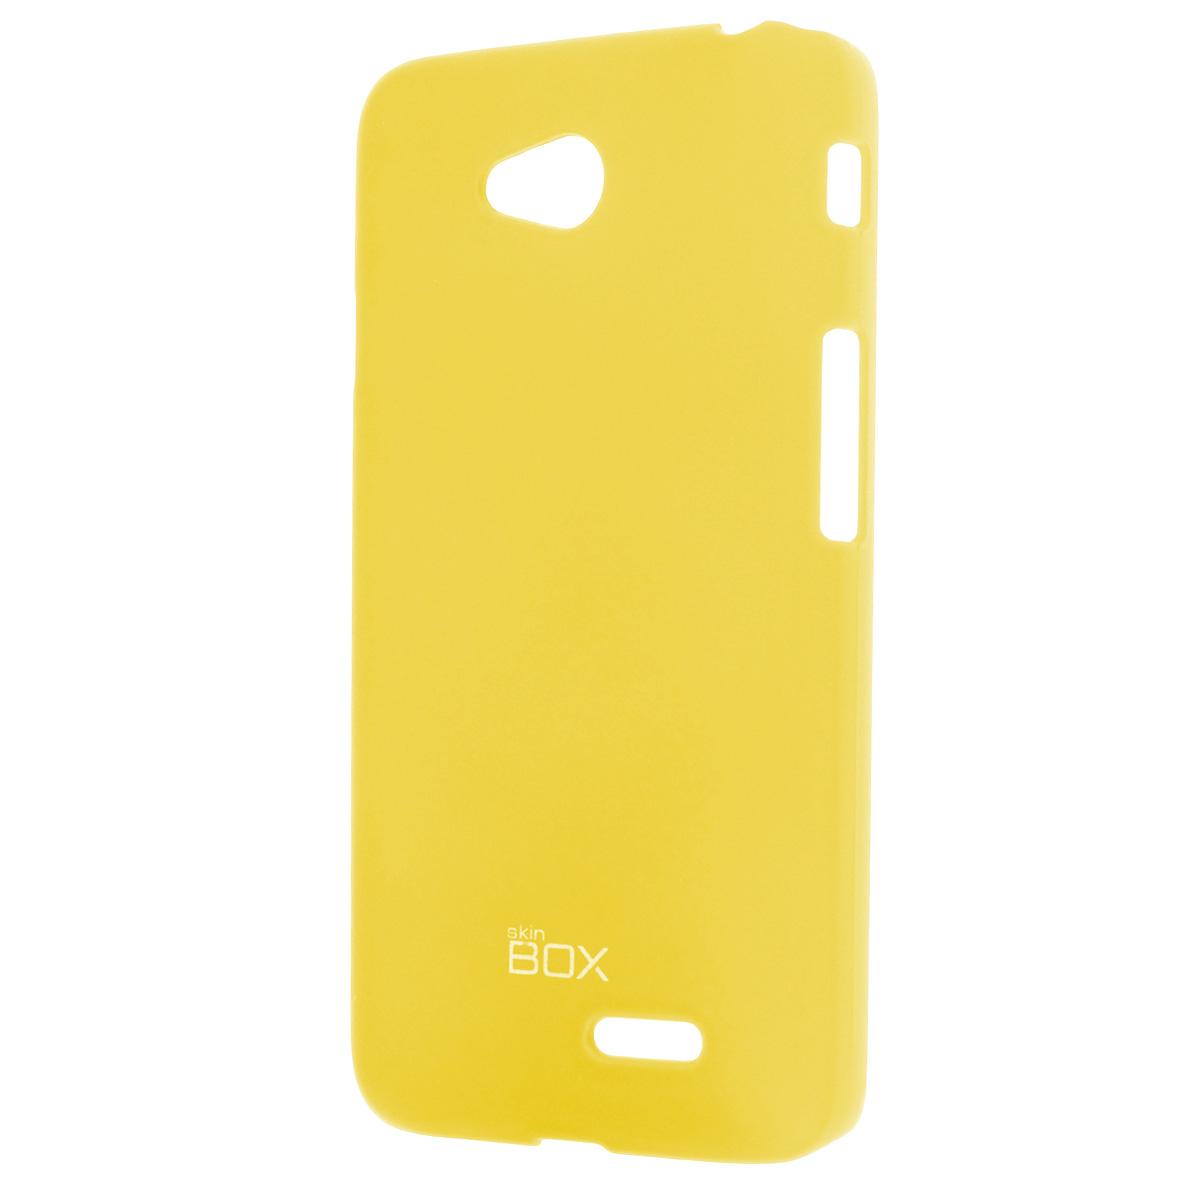 Skinbox Shield 4People чехол для LG L70 Dual, YellowT-S-LL70-002Чехол Skinbox Shield 4People для LG L70 предназначен для защиты корпуса смартфона от механических повреждений и царапин в процессе эксплуатации. Имеется свободный доступ ко всем разъемам и кнопкам устройства. В комплект также входит защитная пленка на экран телефона.